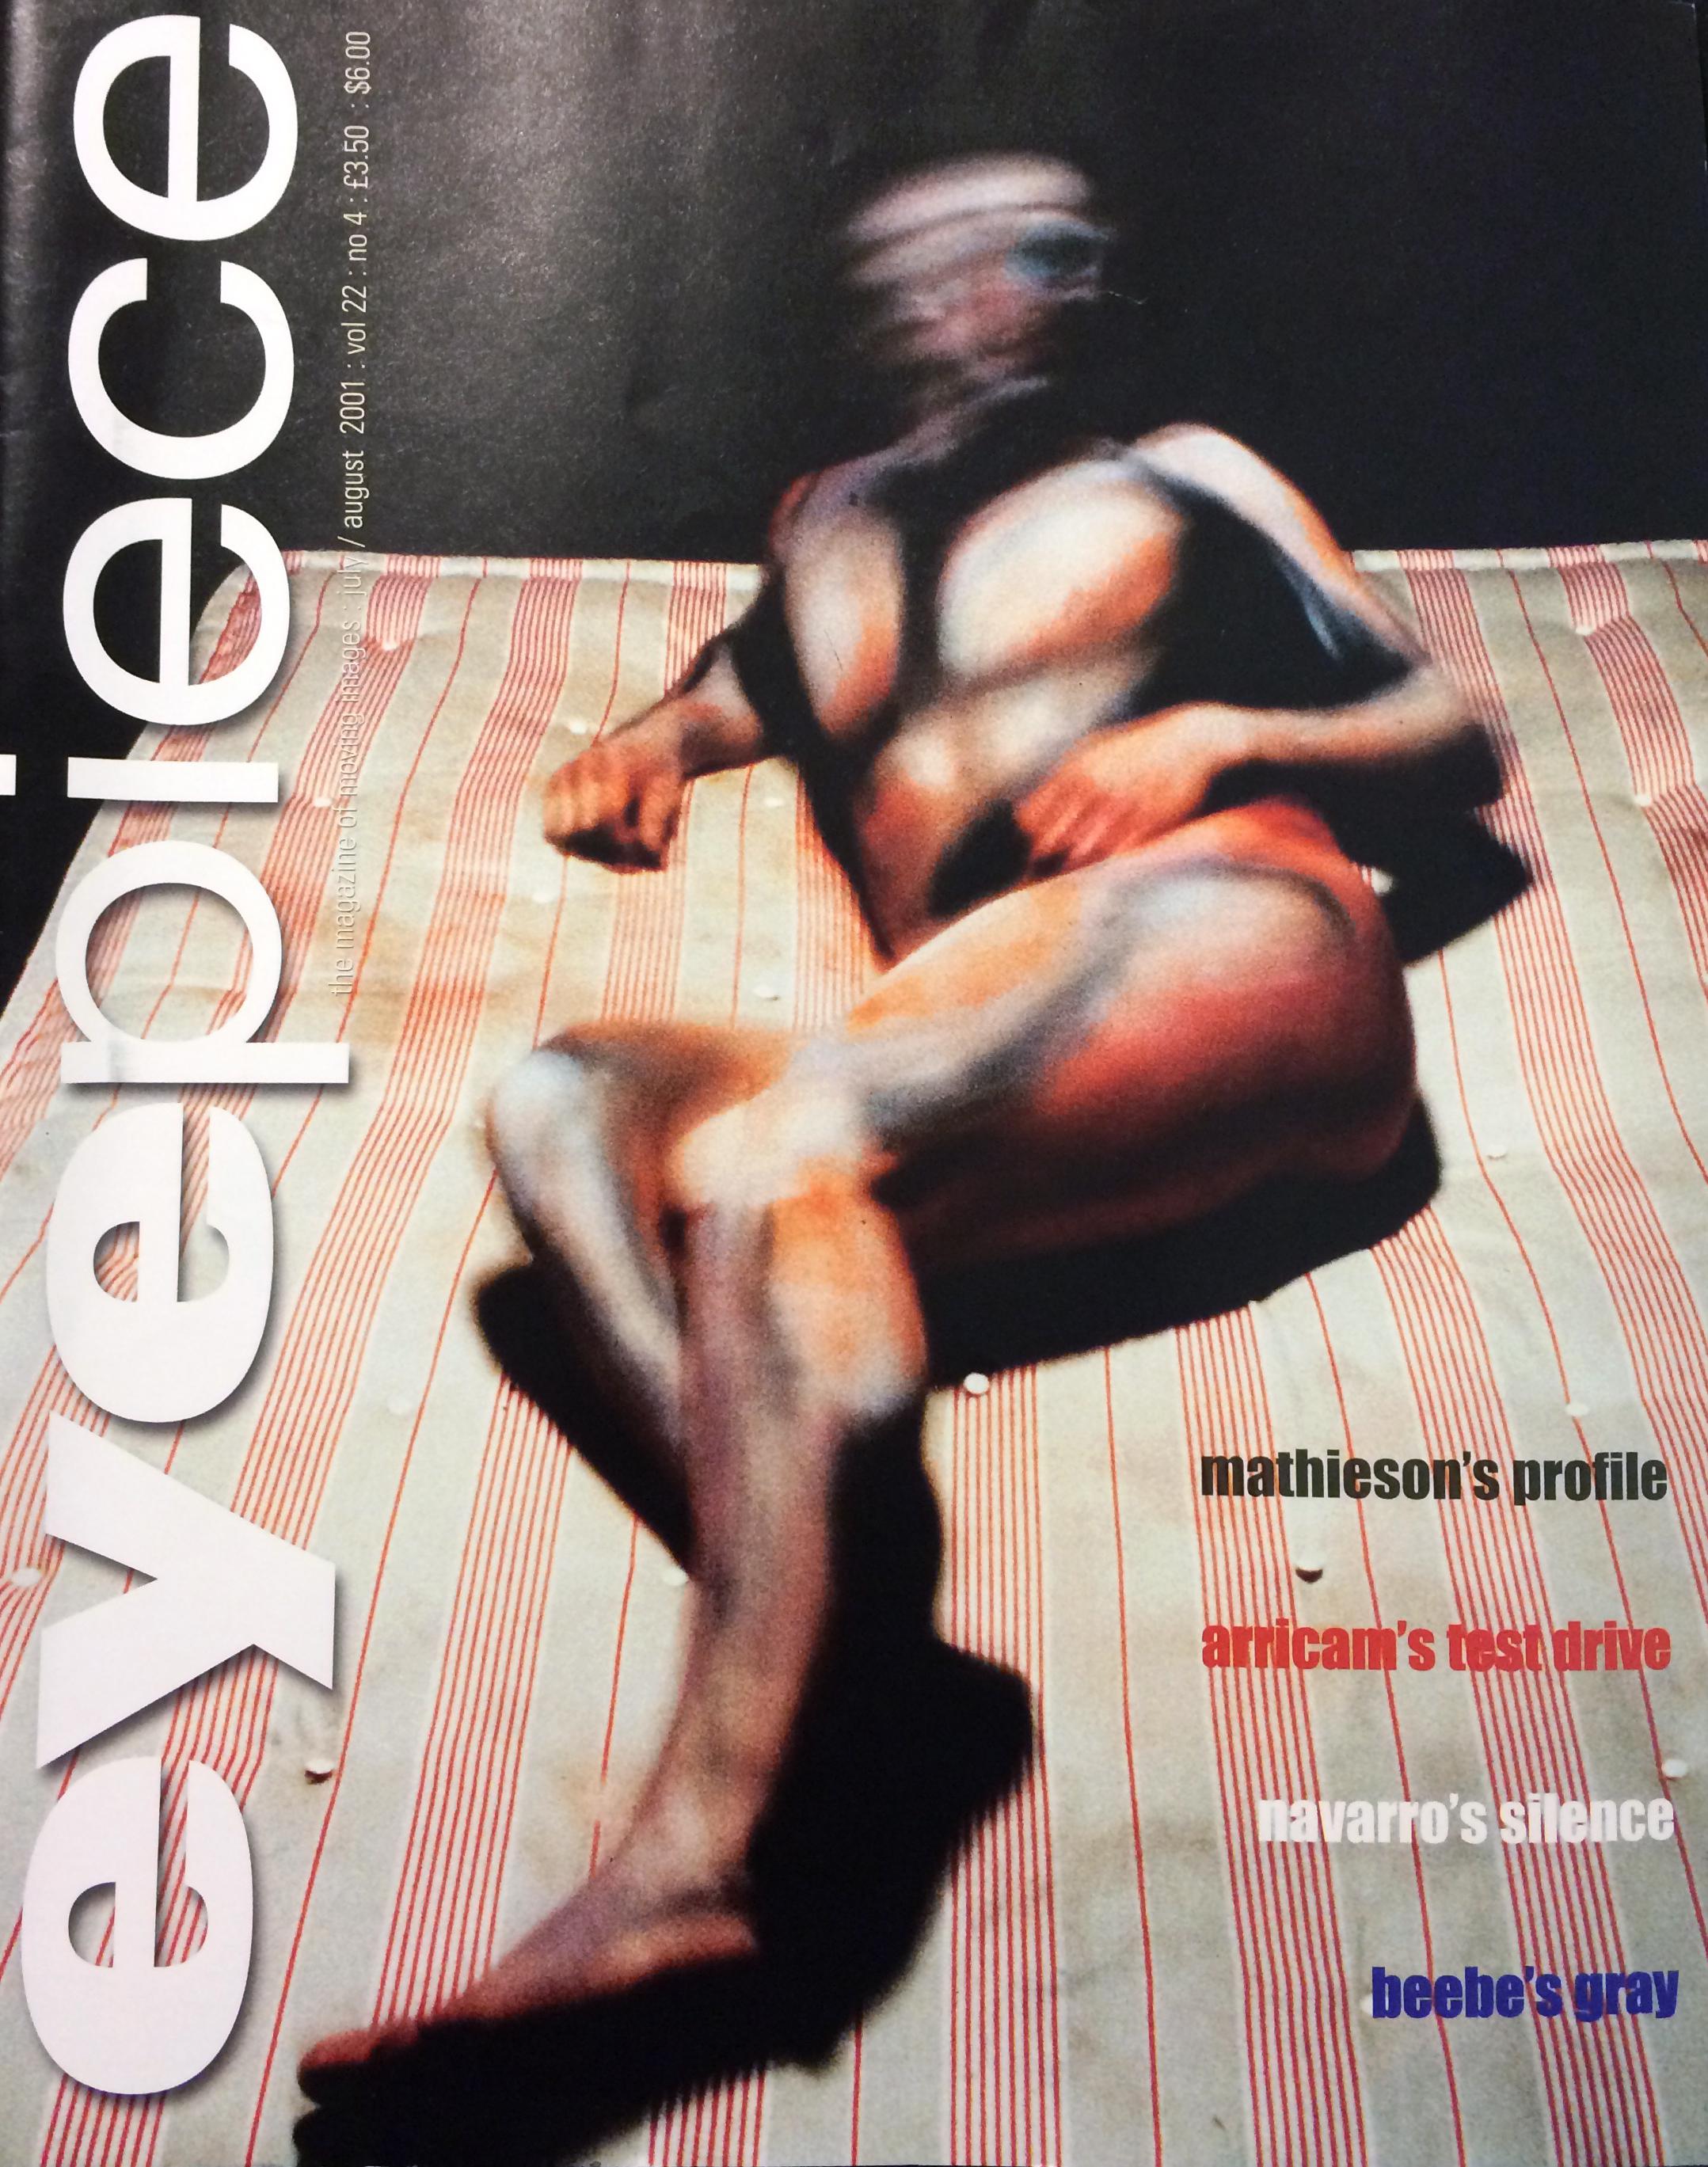 eyepiece magazine